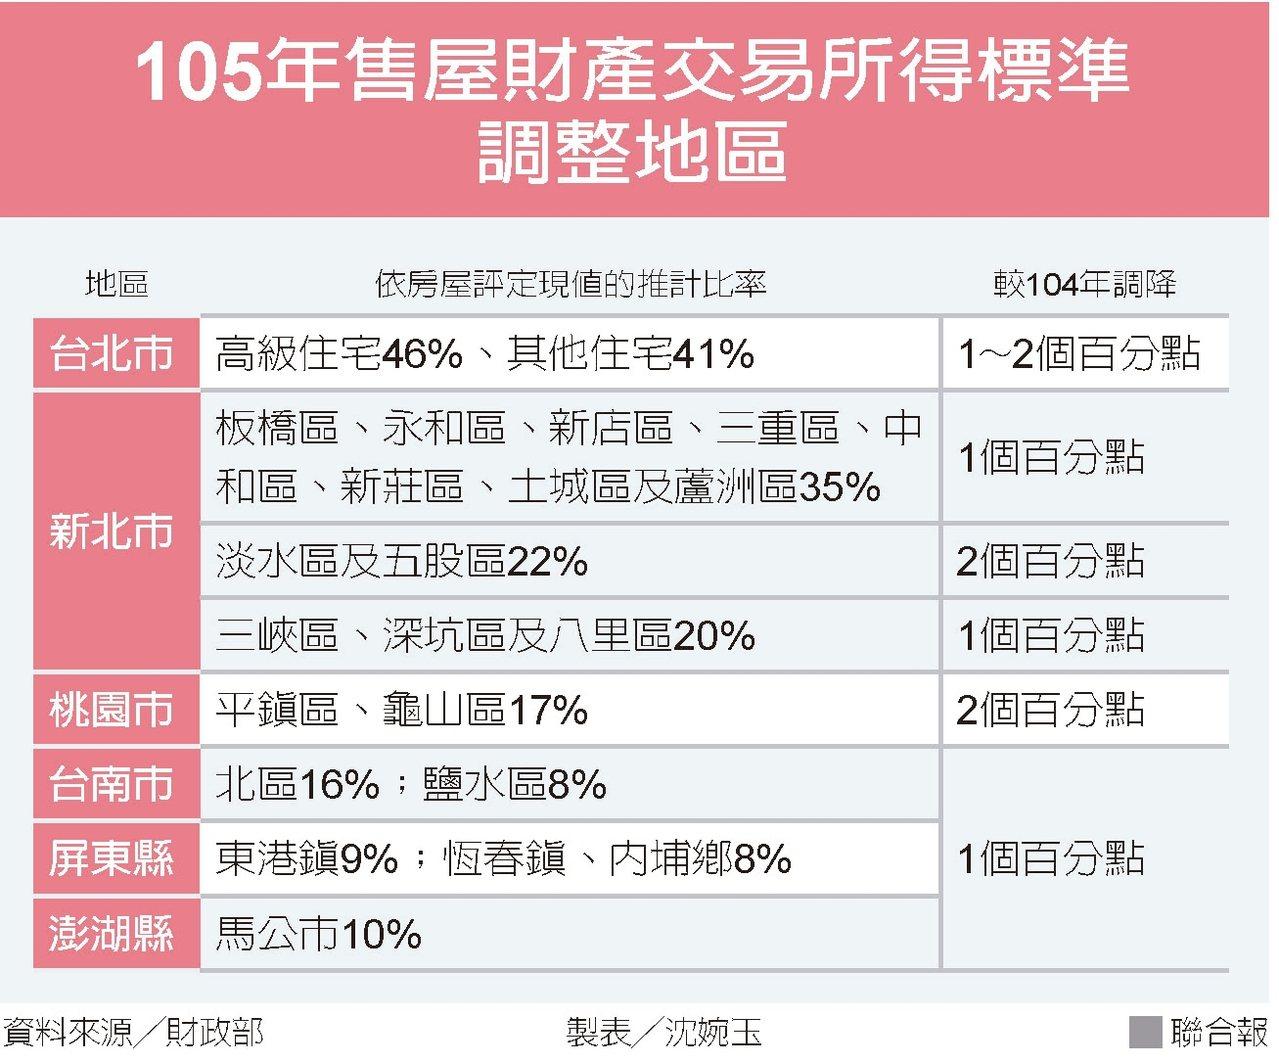 105年售屋財產交易所得標準調整地區 圖/聯合報提供